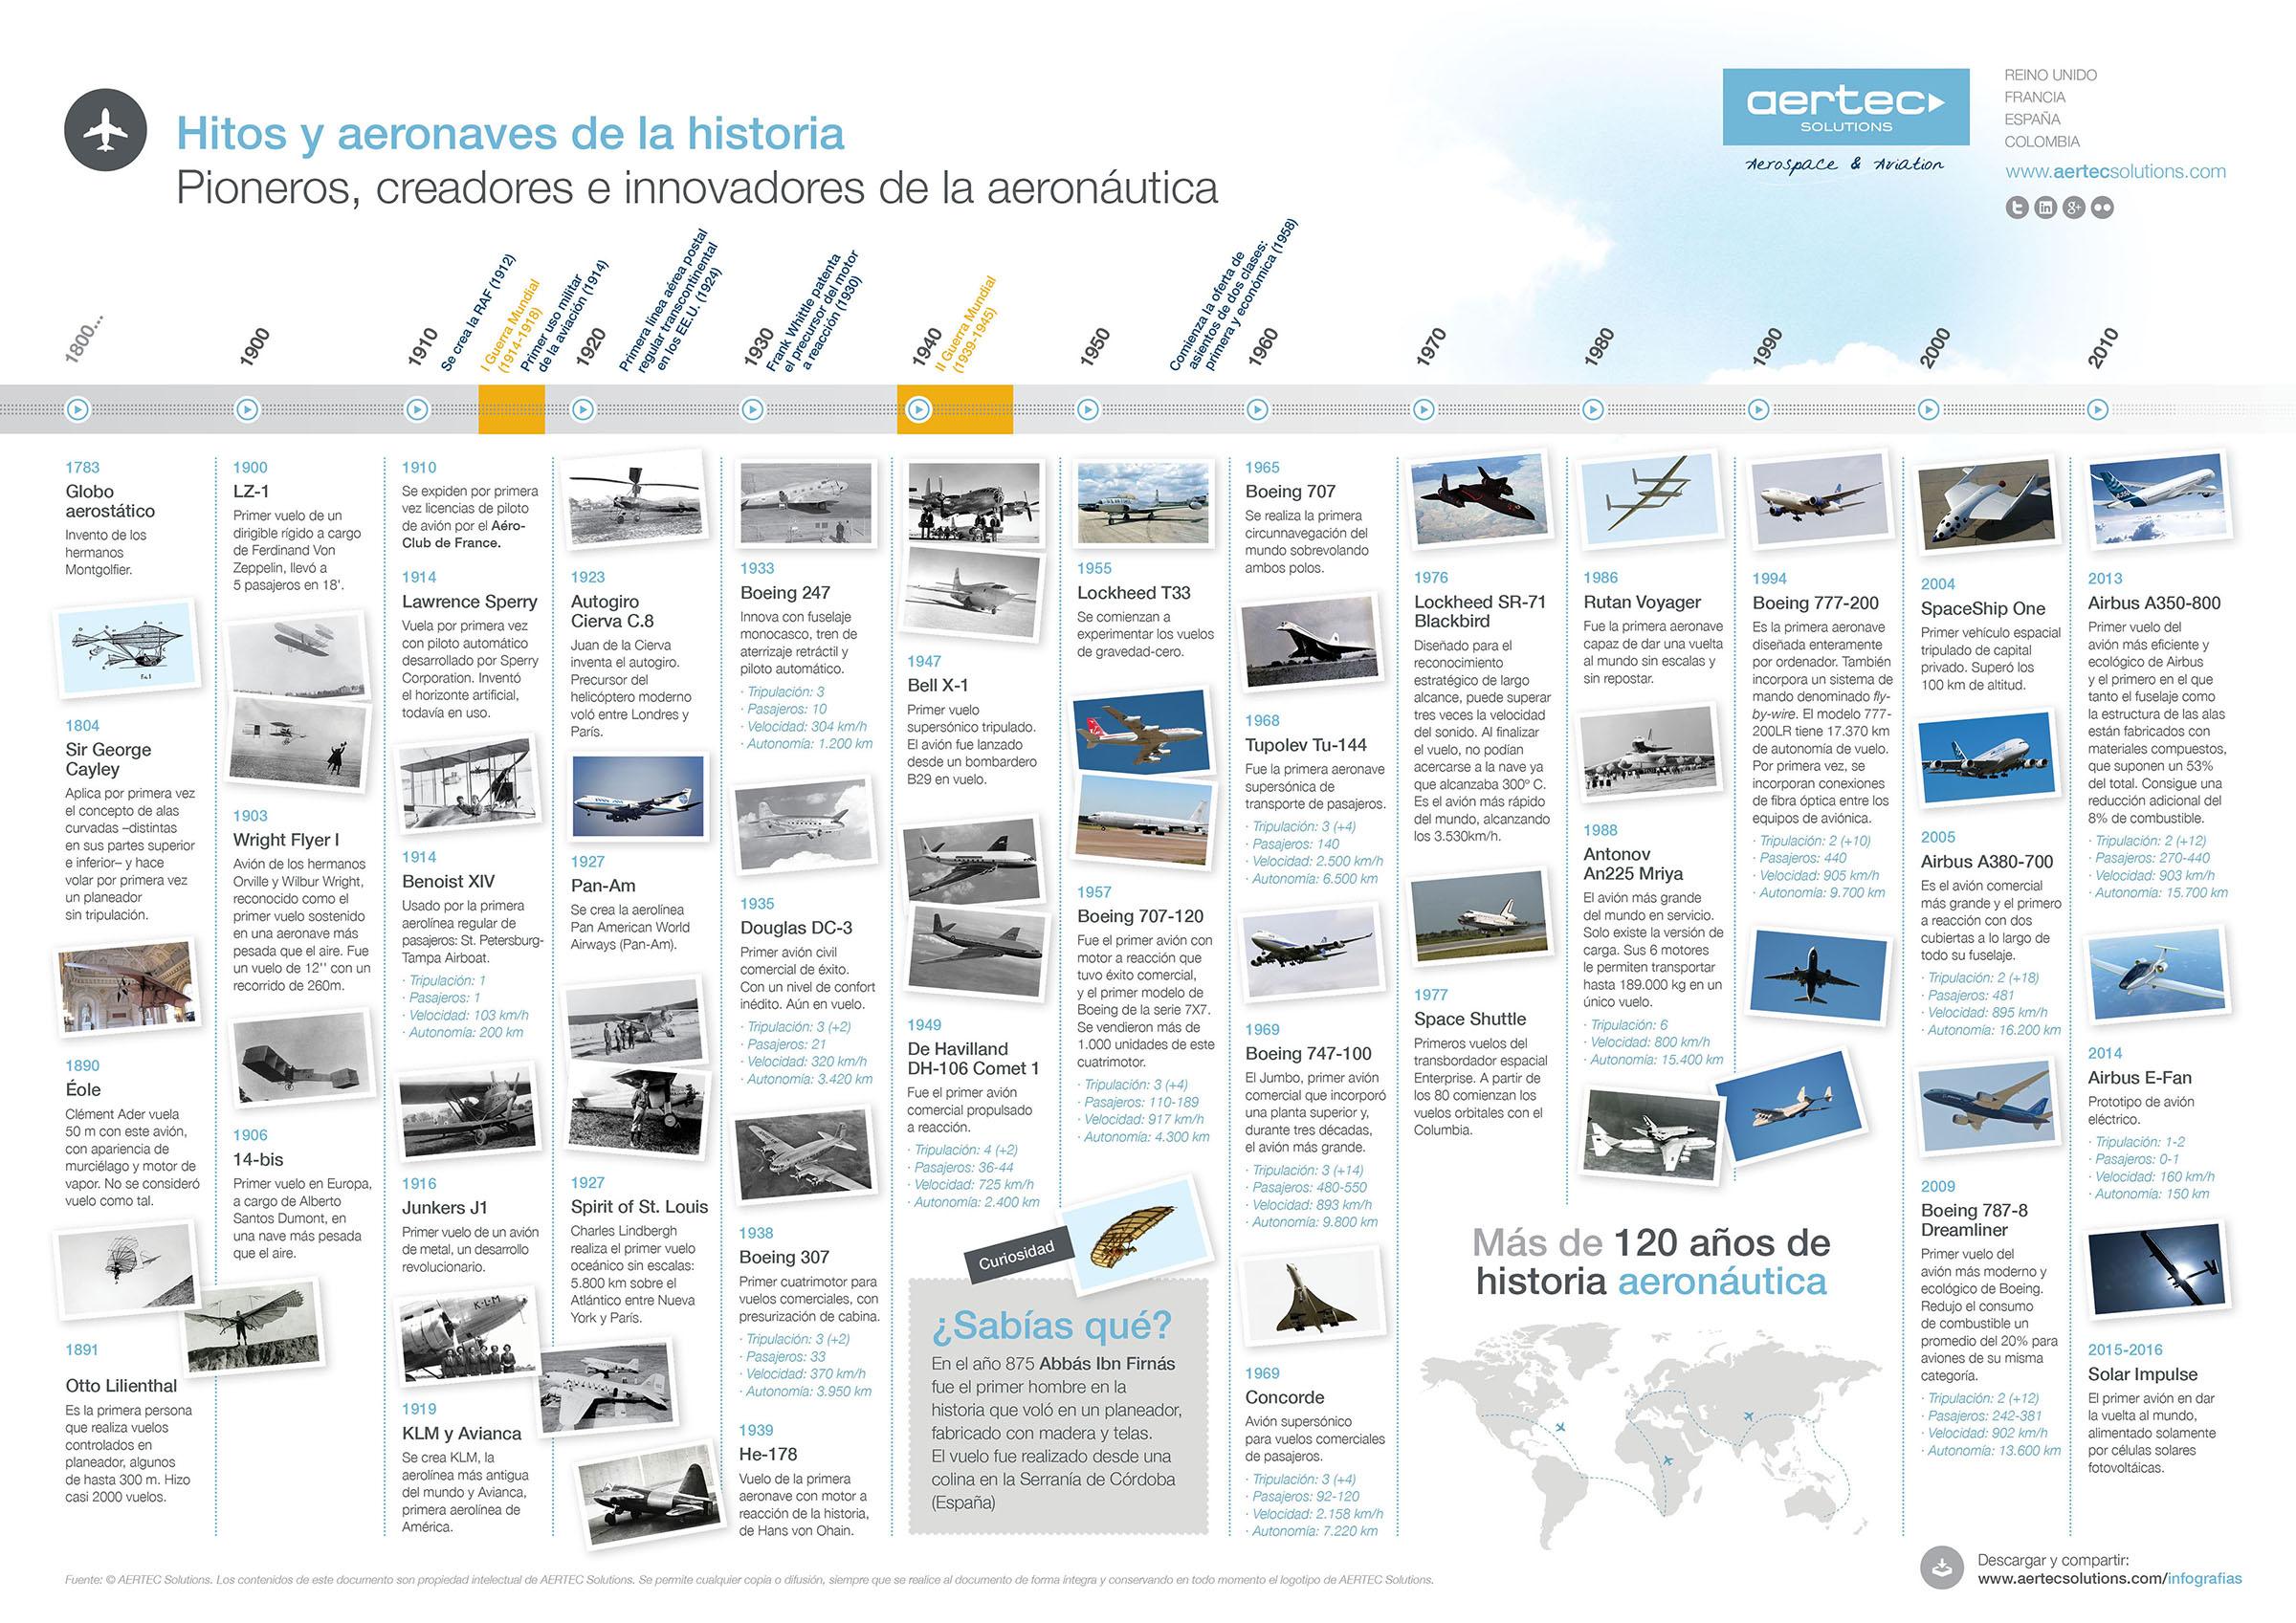 Hitos de la historia de la aeronáutica